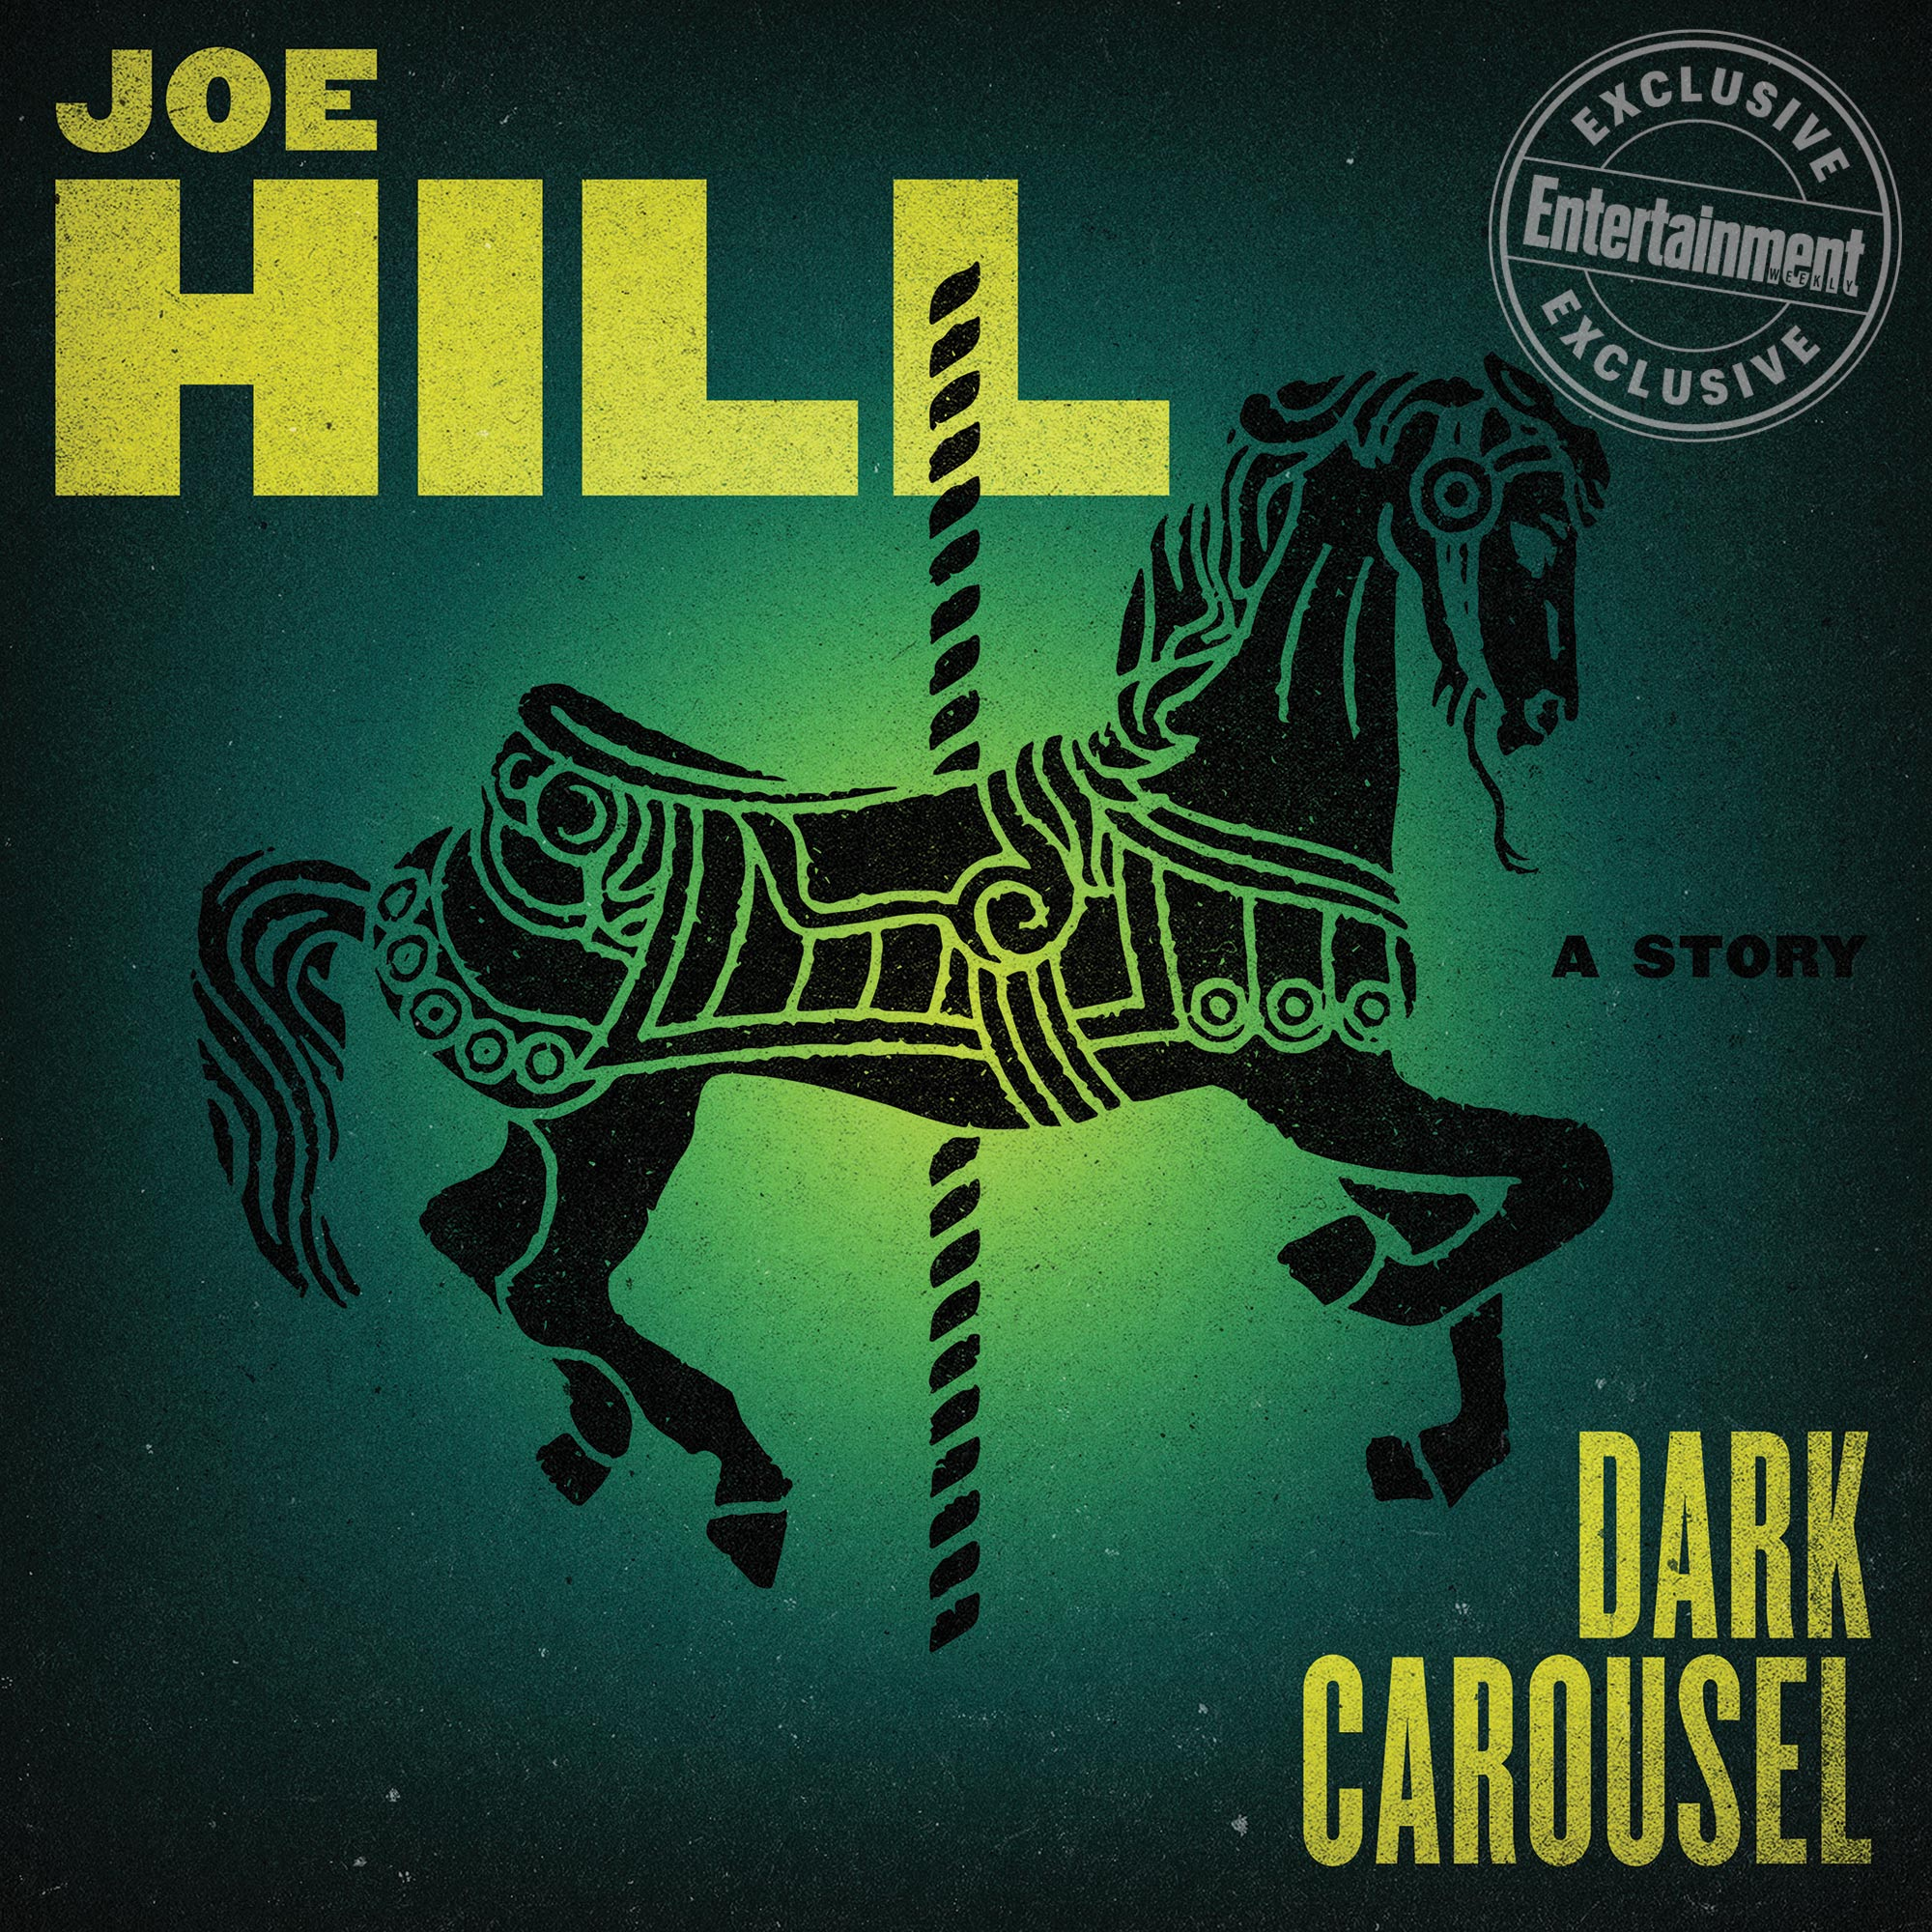 DarkCarousel-vl